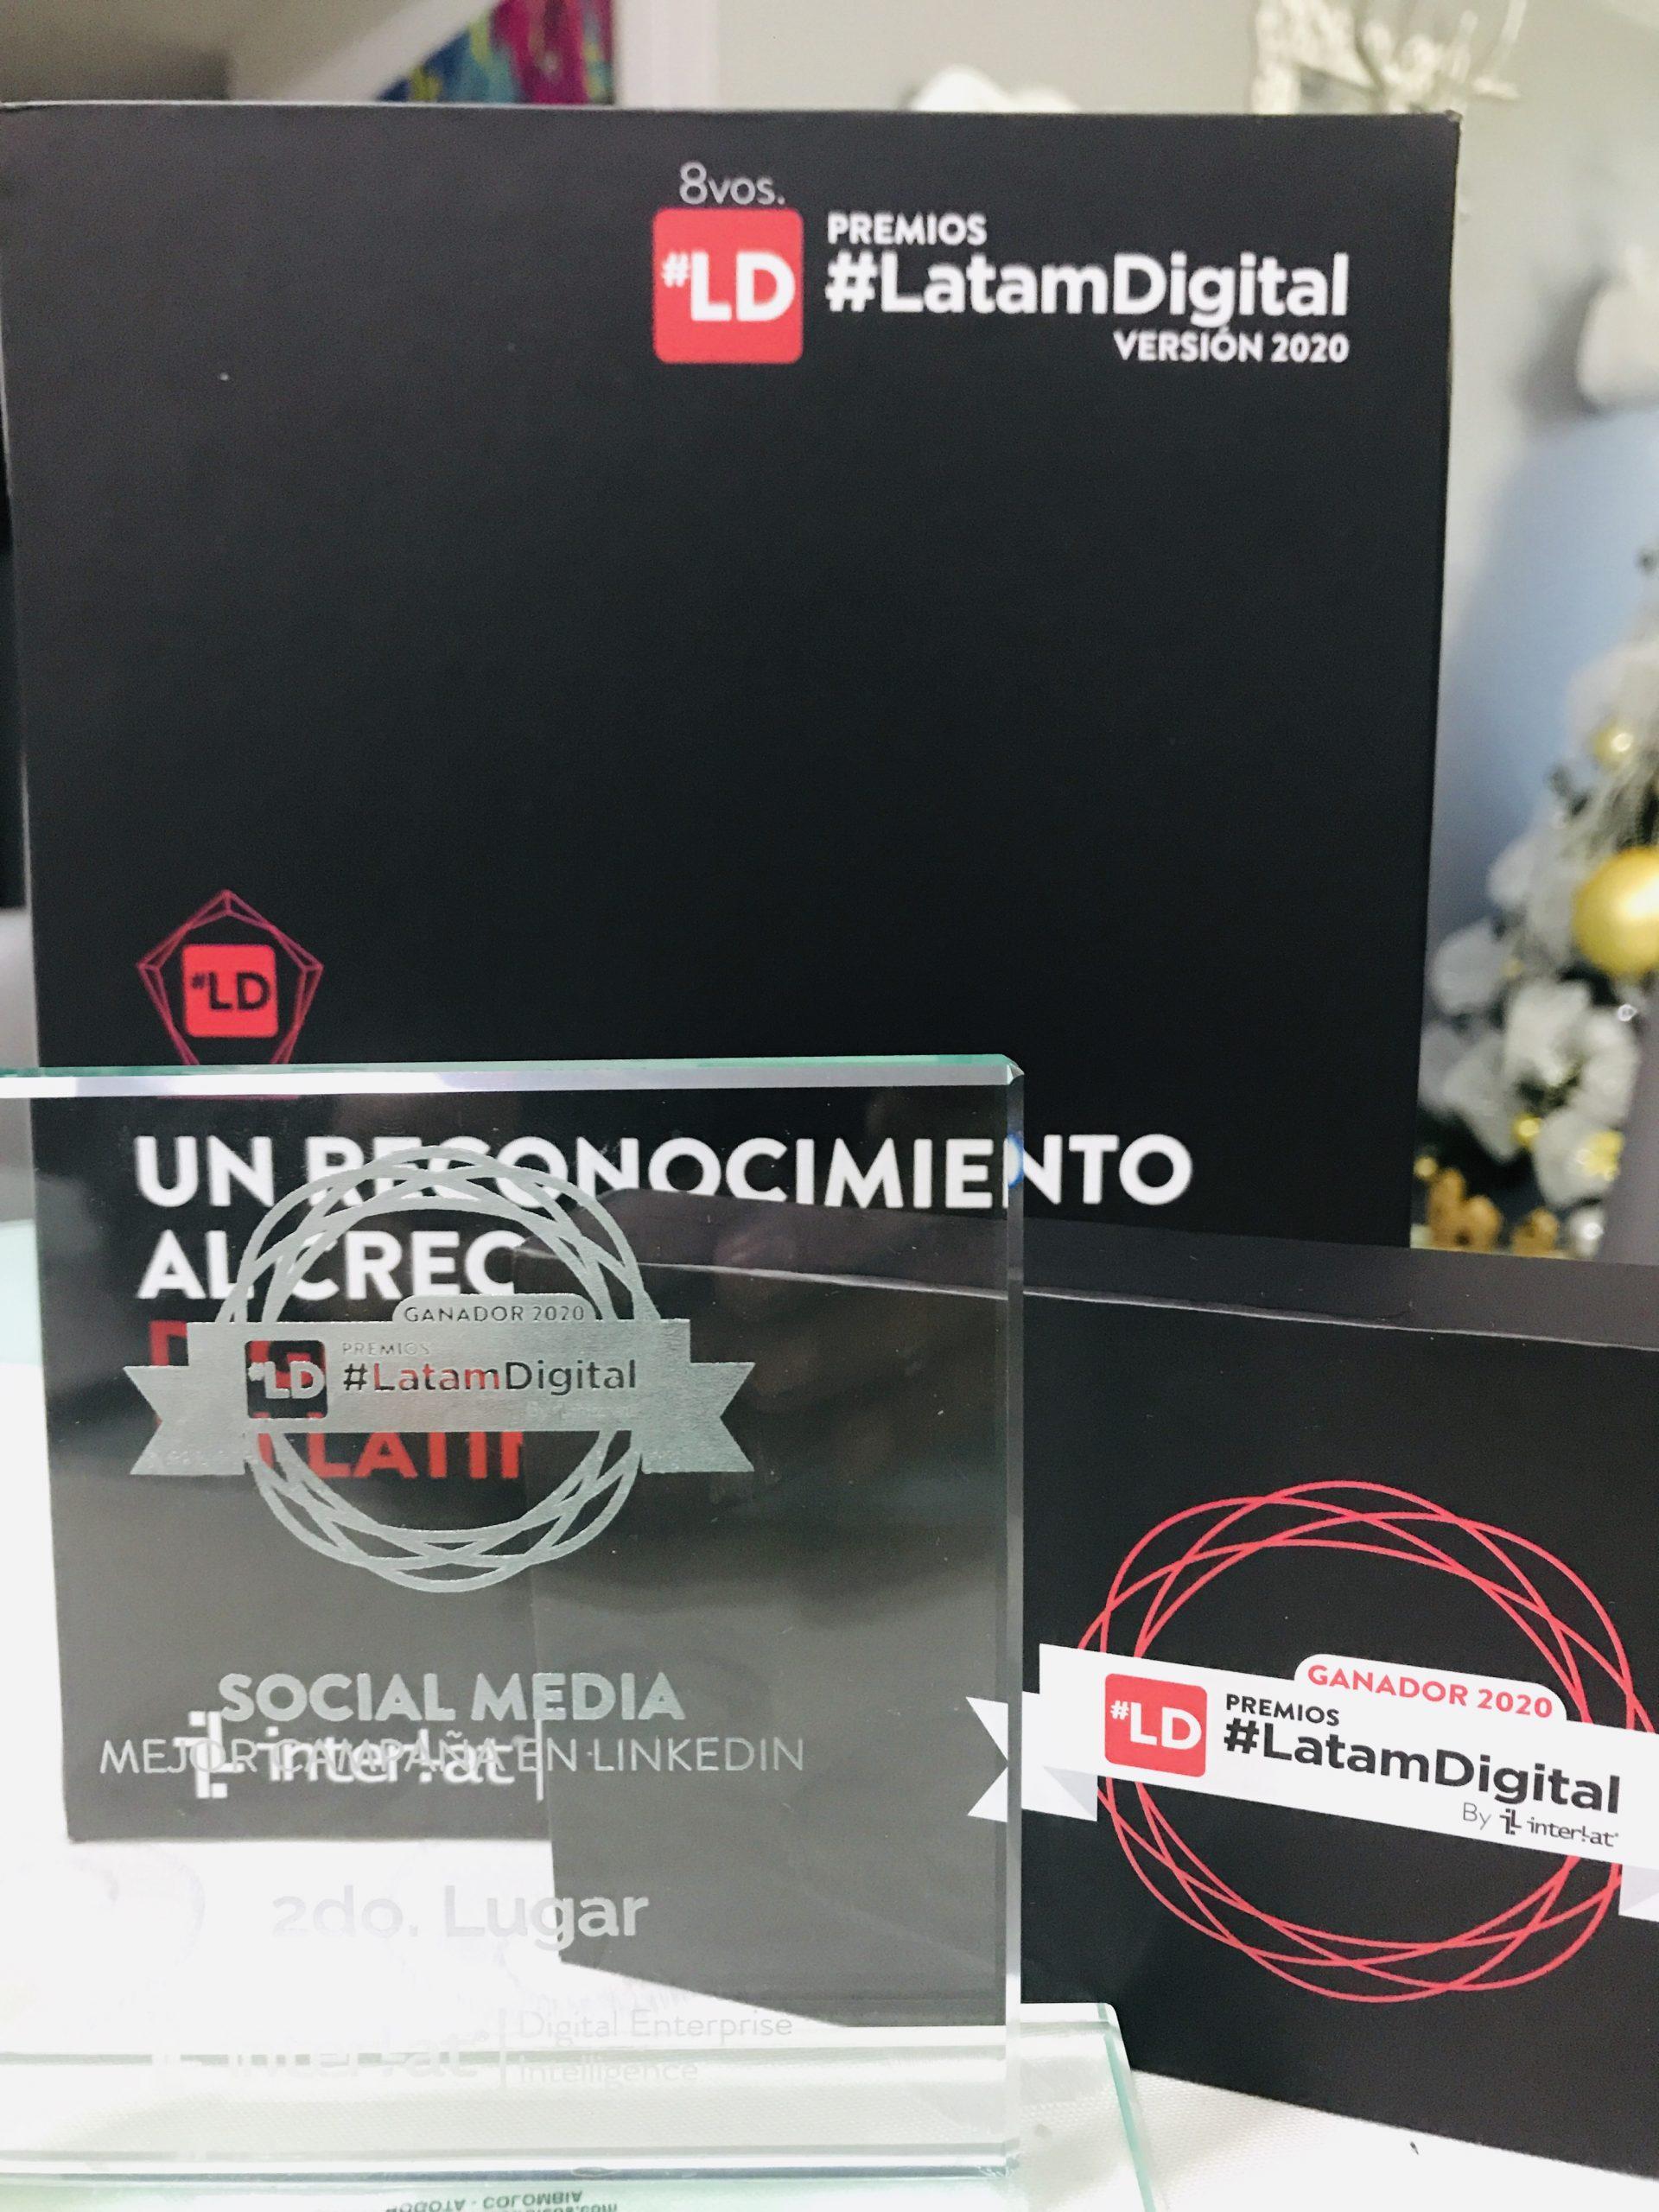 Agencia revelación gana segundo puesto a mejor campaña en LinkedIn en la 8va edición de Premios #LatamDigital 2020